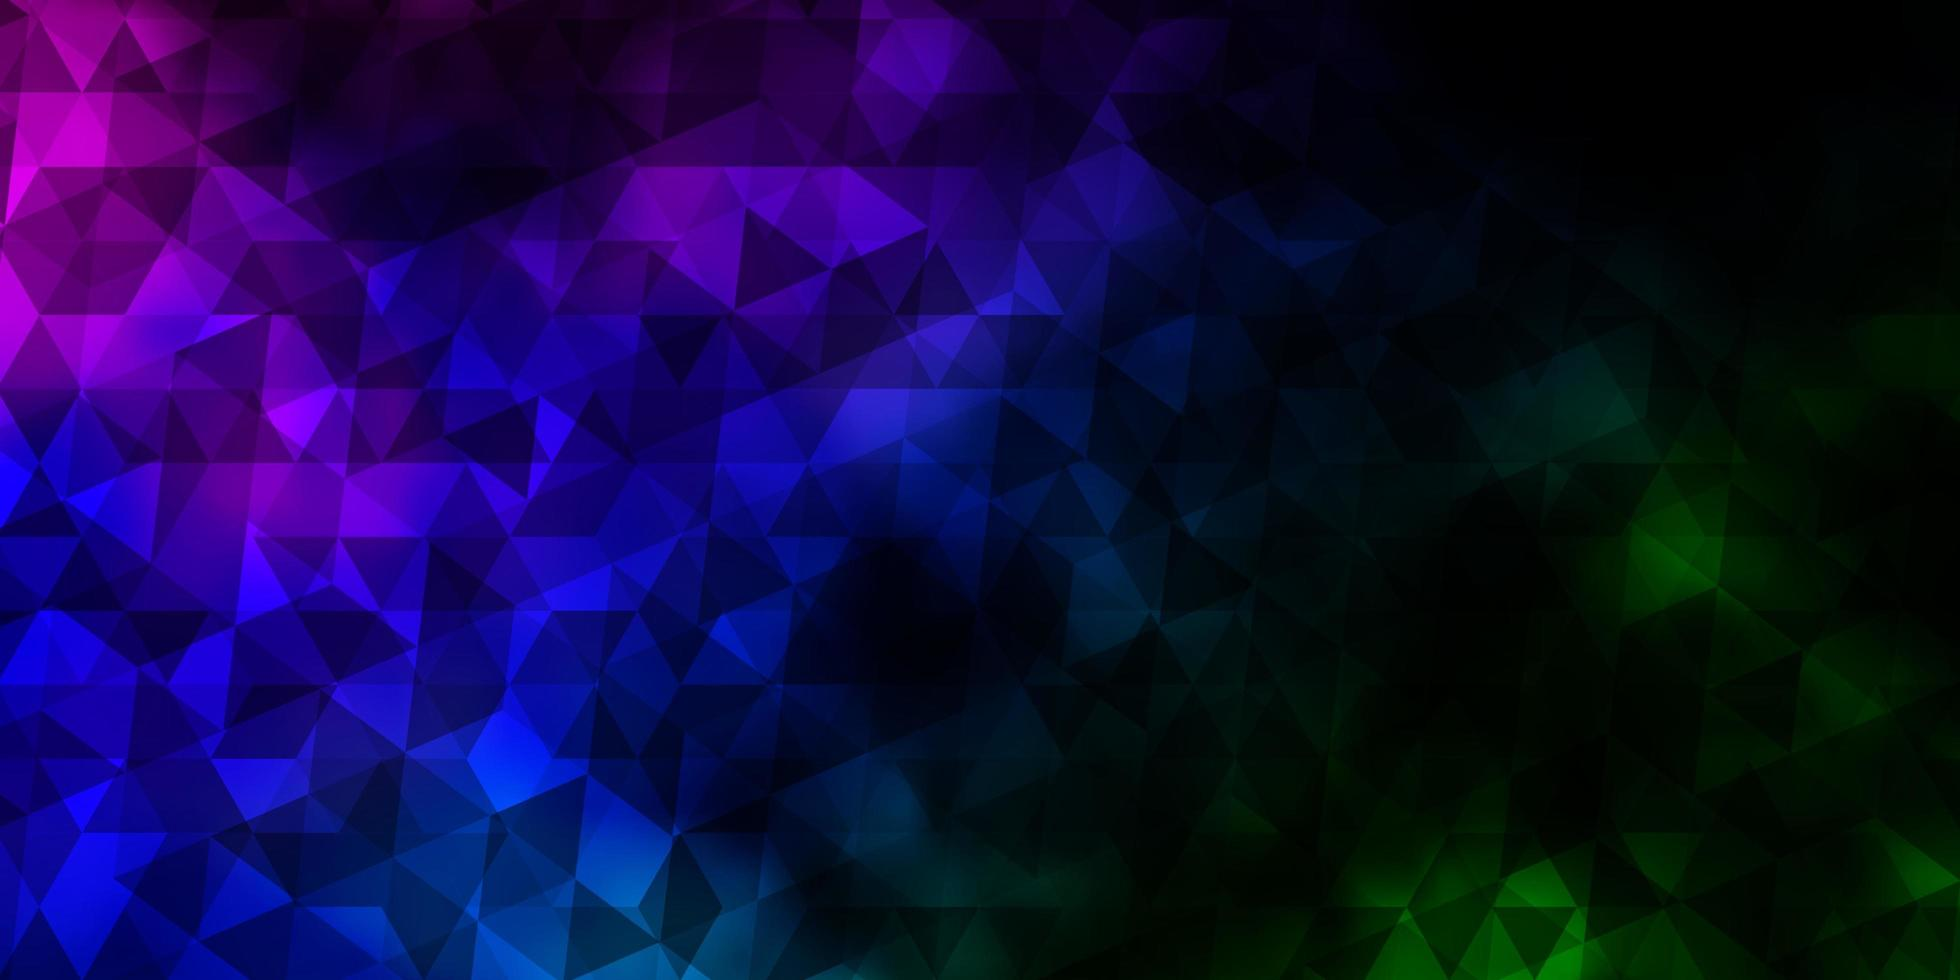 dunkles mehrfarbiges Vektormuster mit polygonalem Stil. vektor